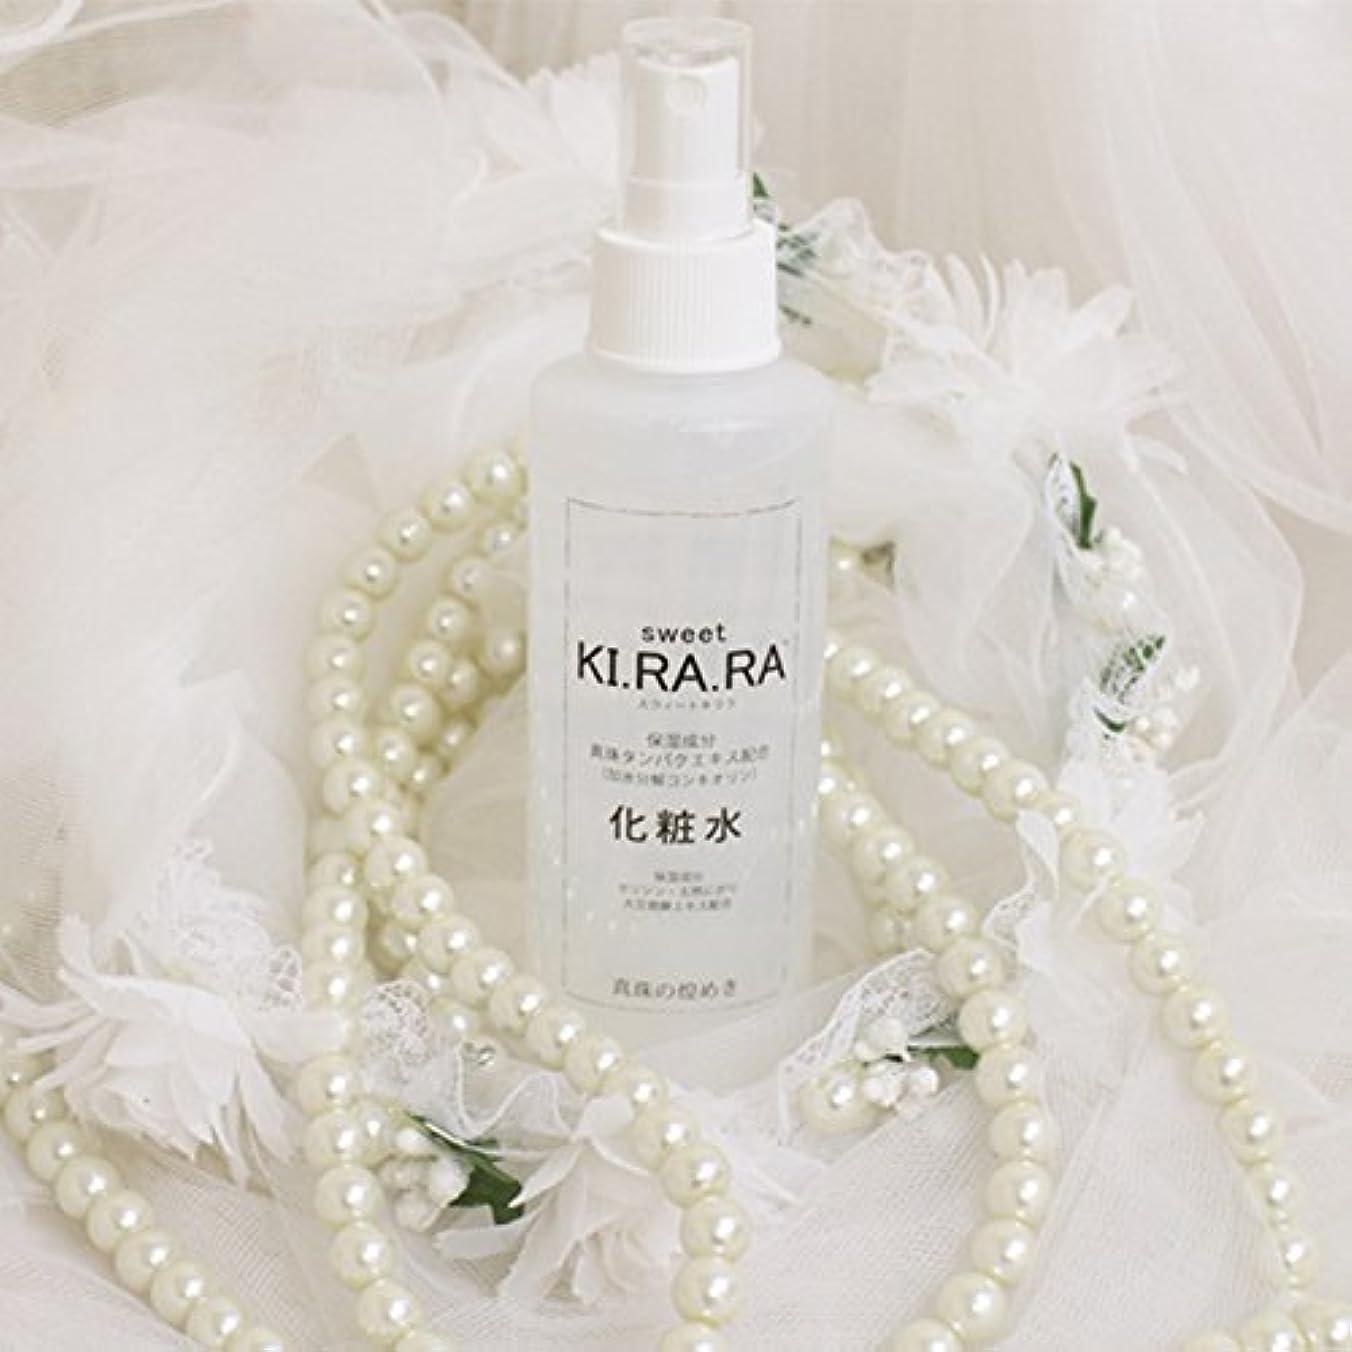 記述するレベル拍車sweet KI.RA.RA スウィートキララ 化粧水 ナチュラルローション 真珠タンパクエキス配合 150ml